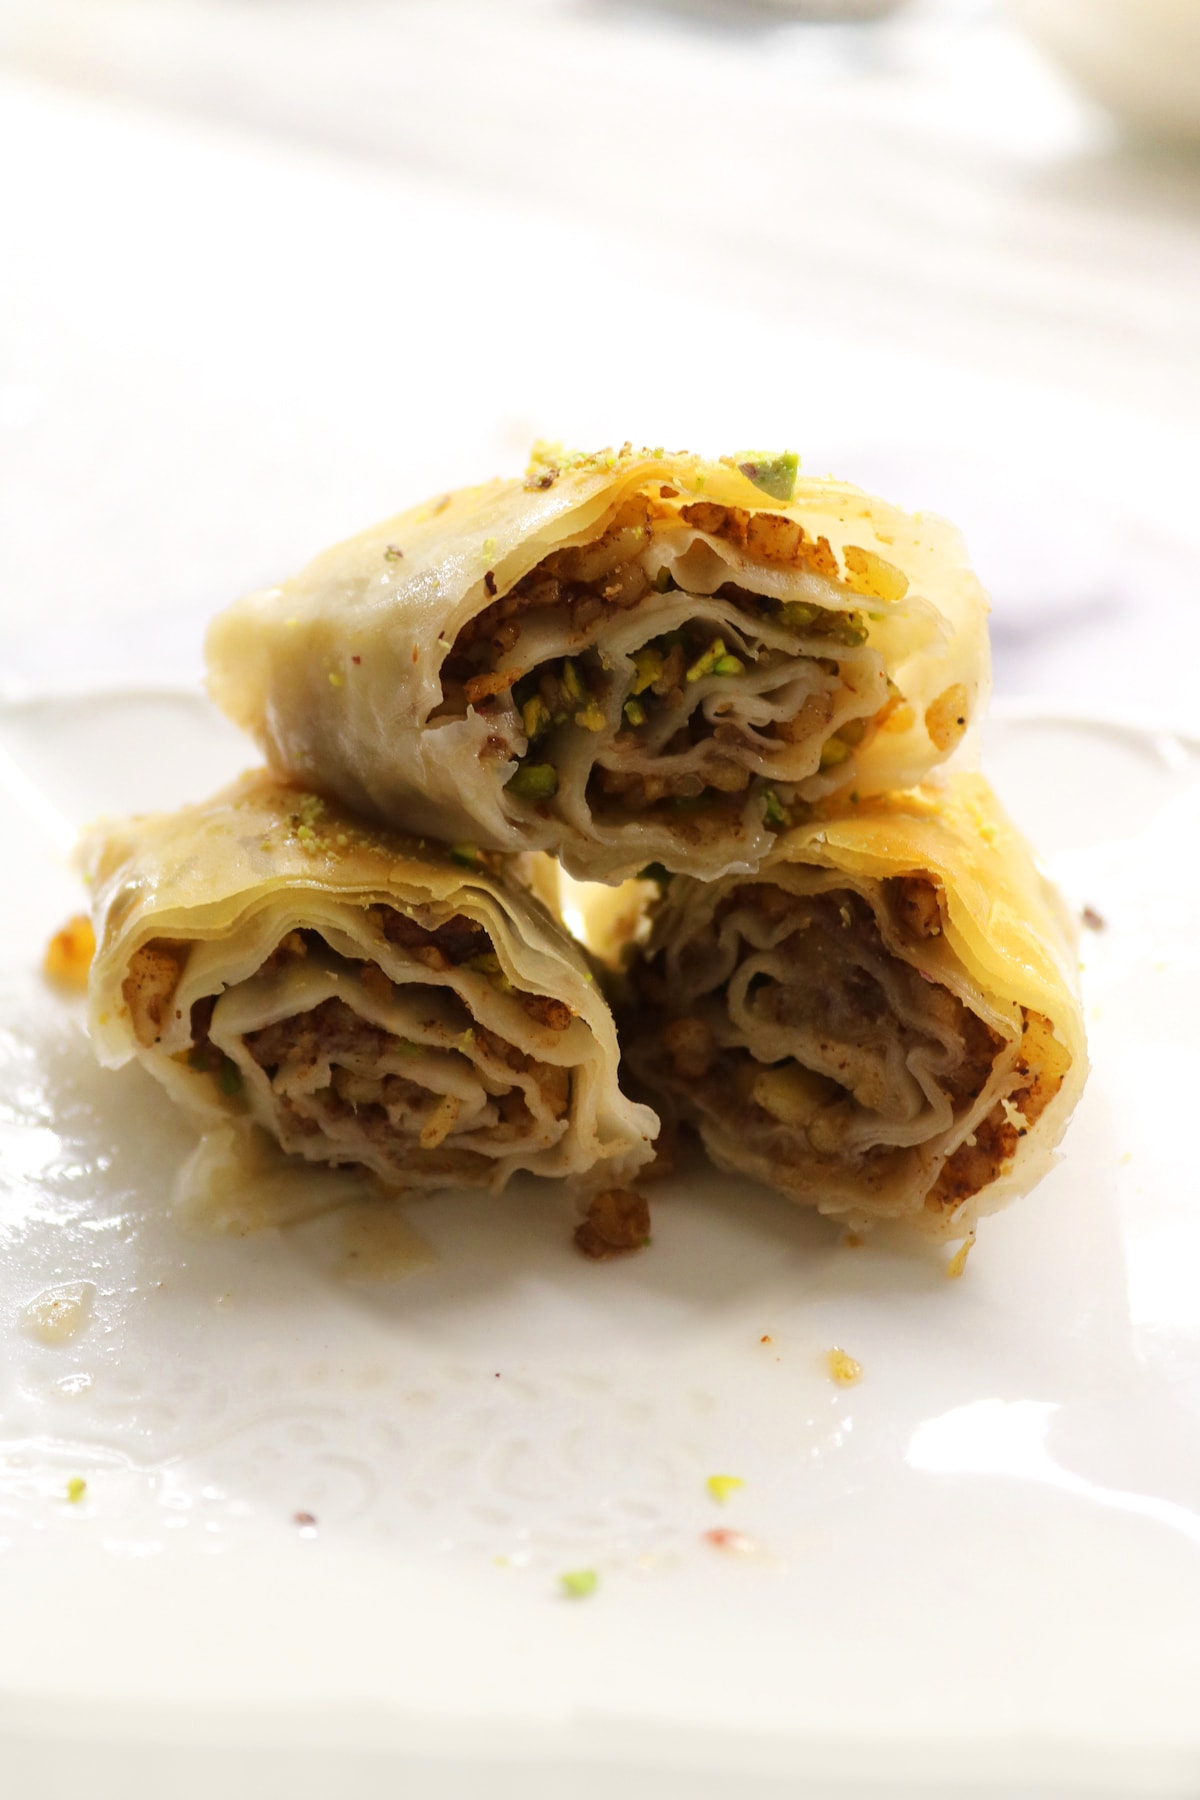 side view of baklava rolls